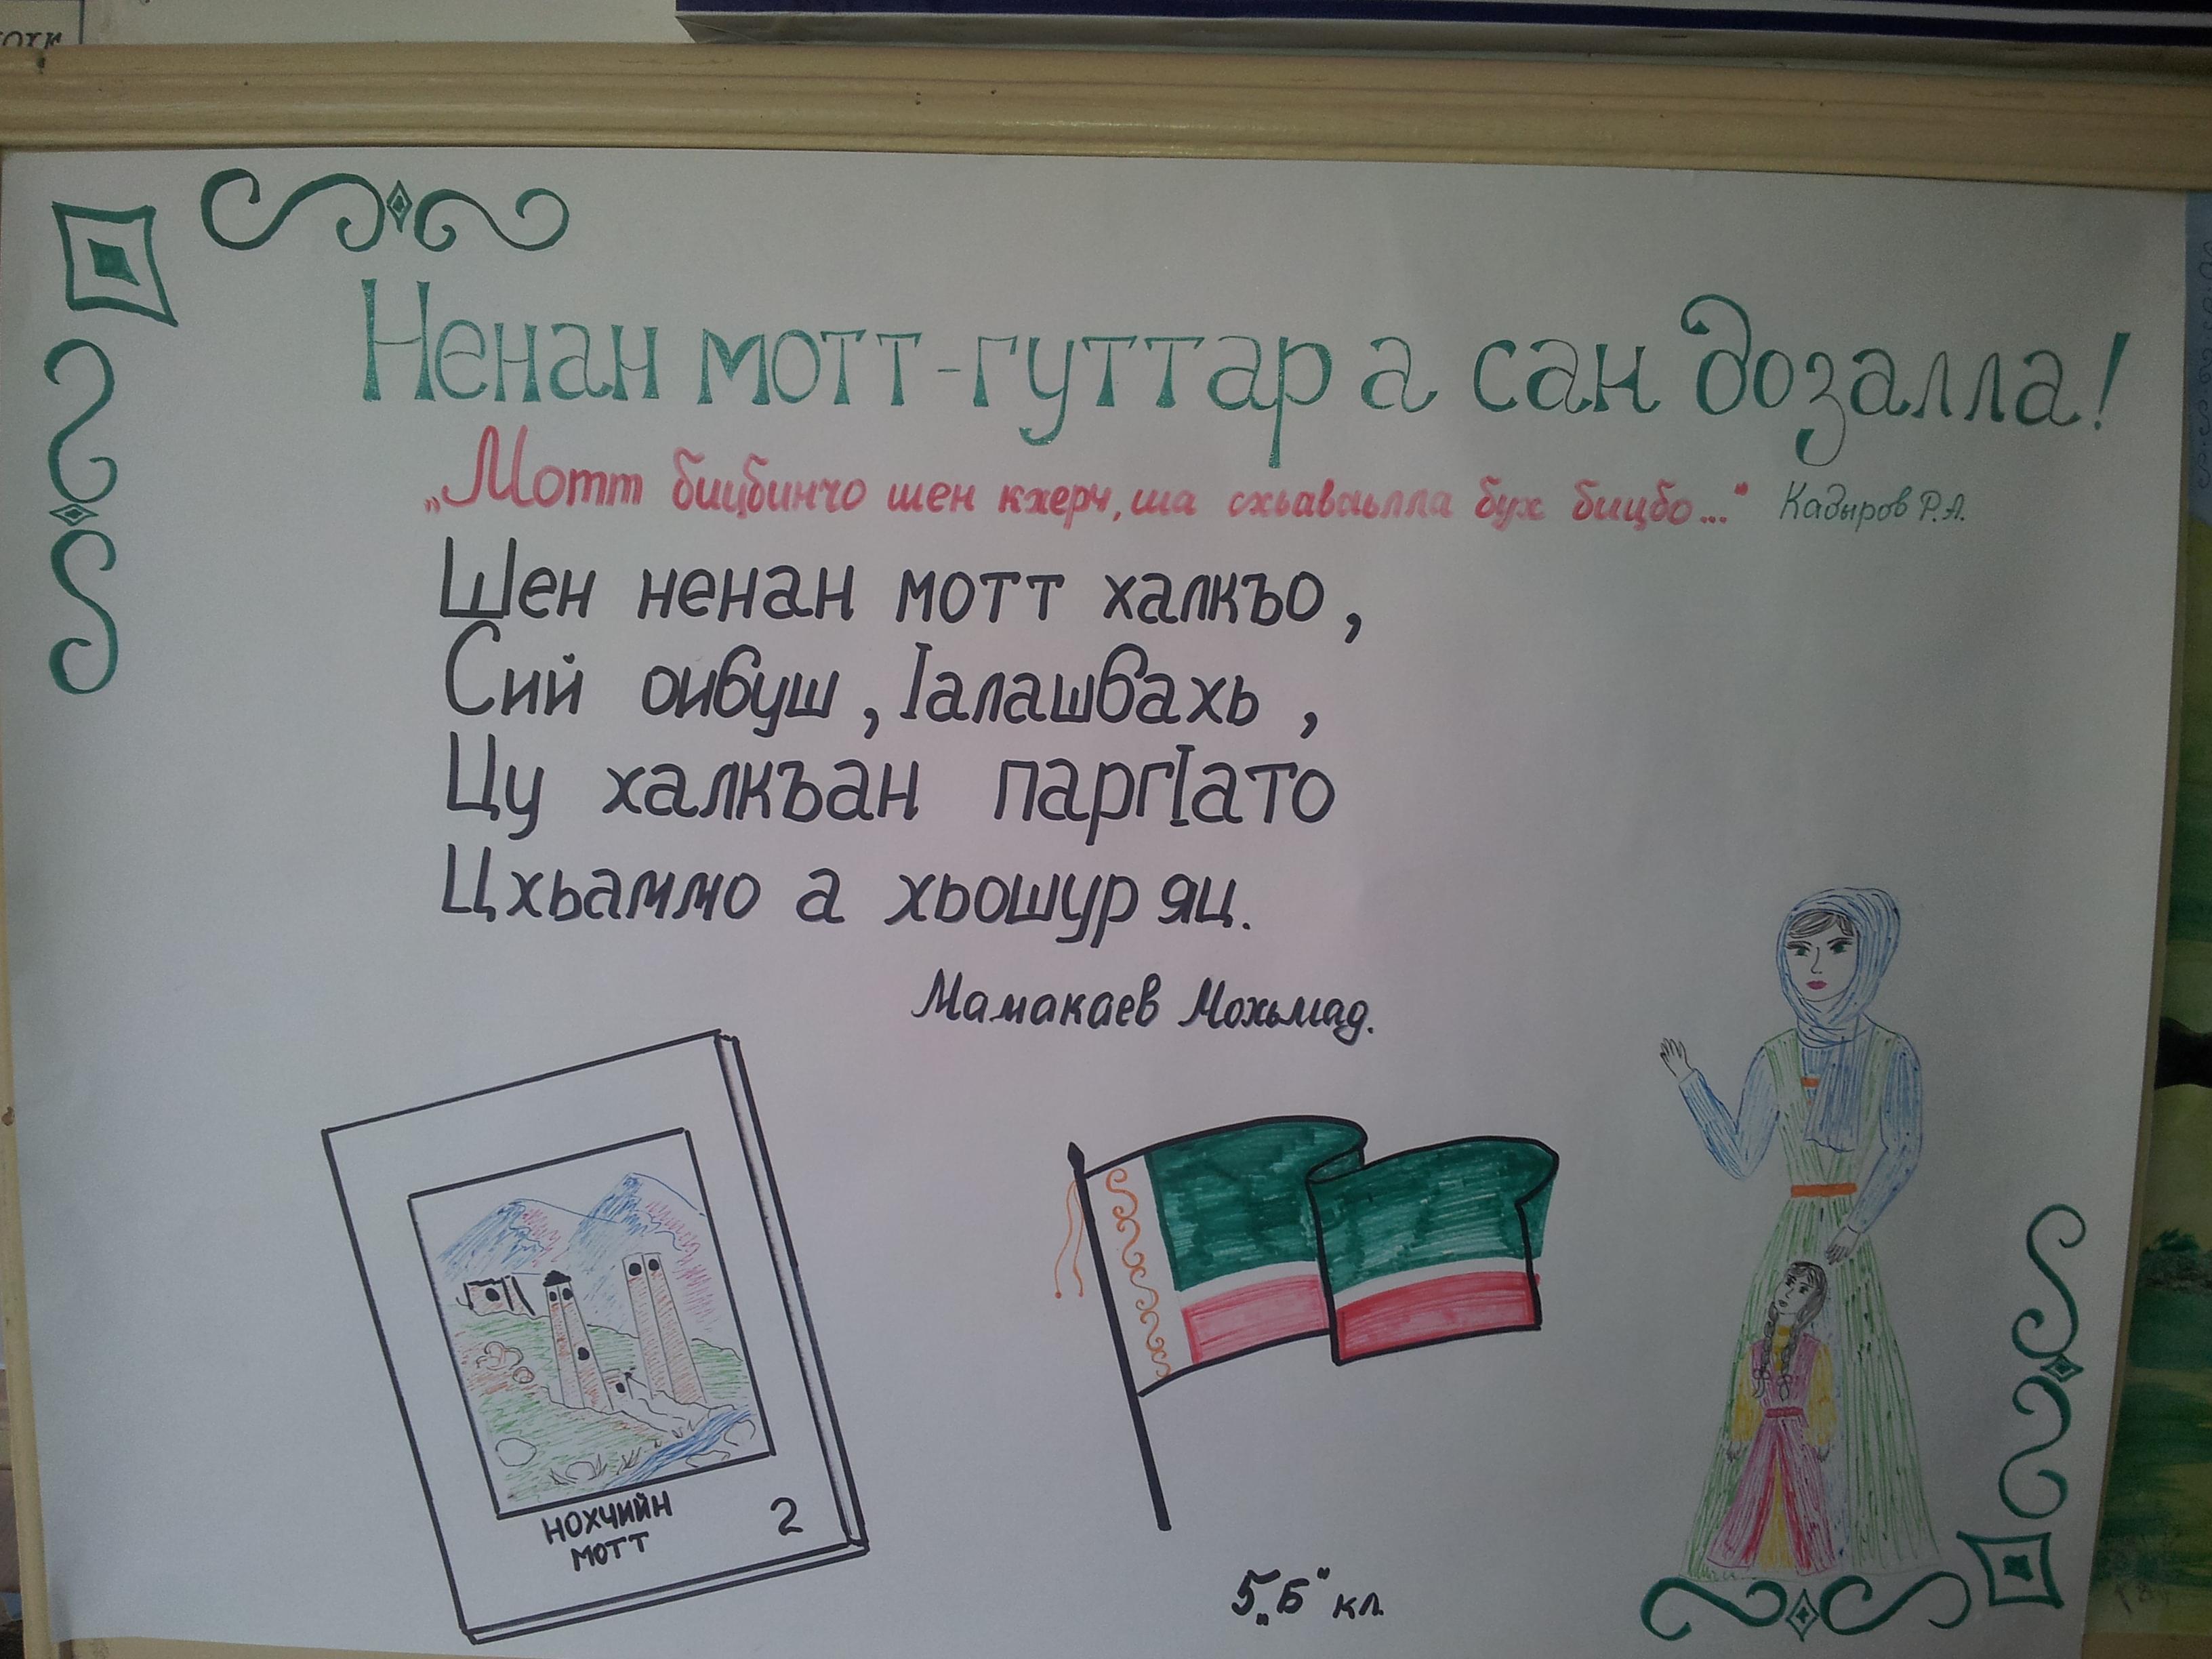 Поздравления на чеченском другу